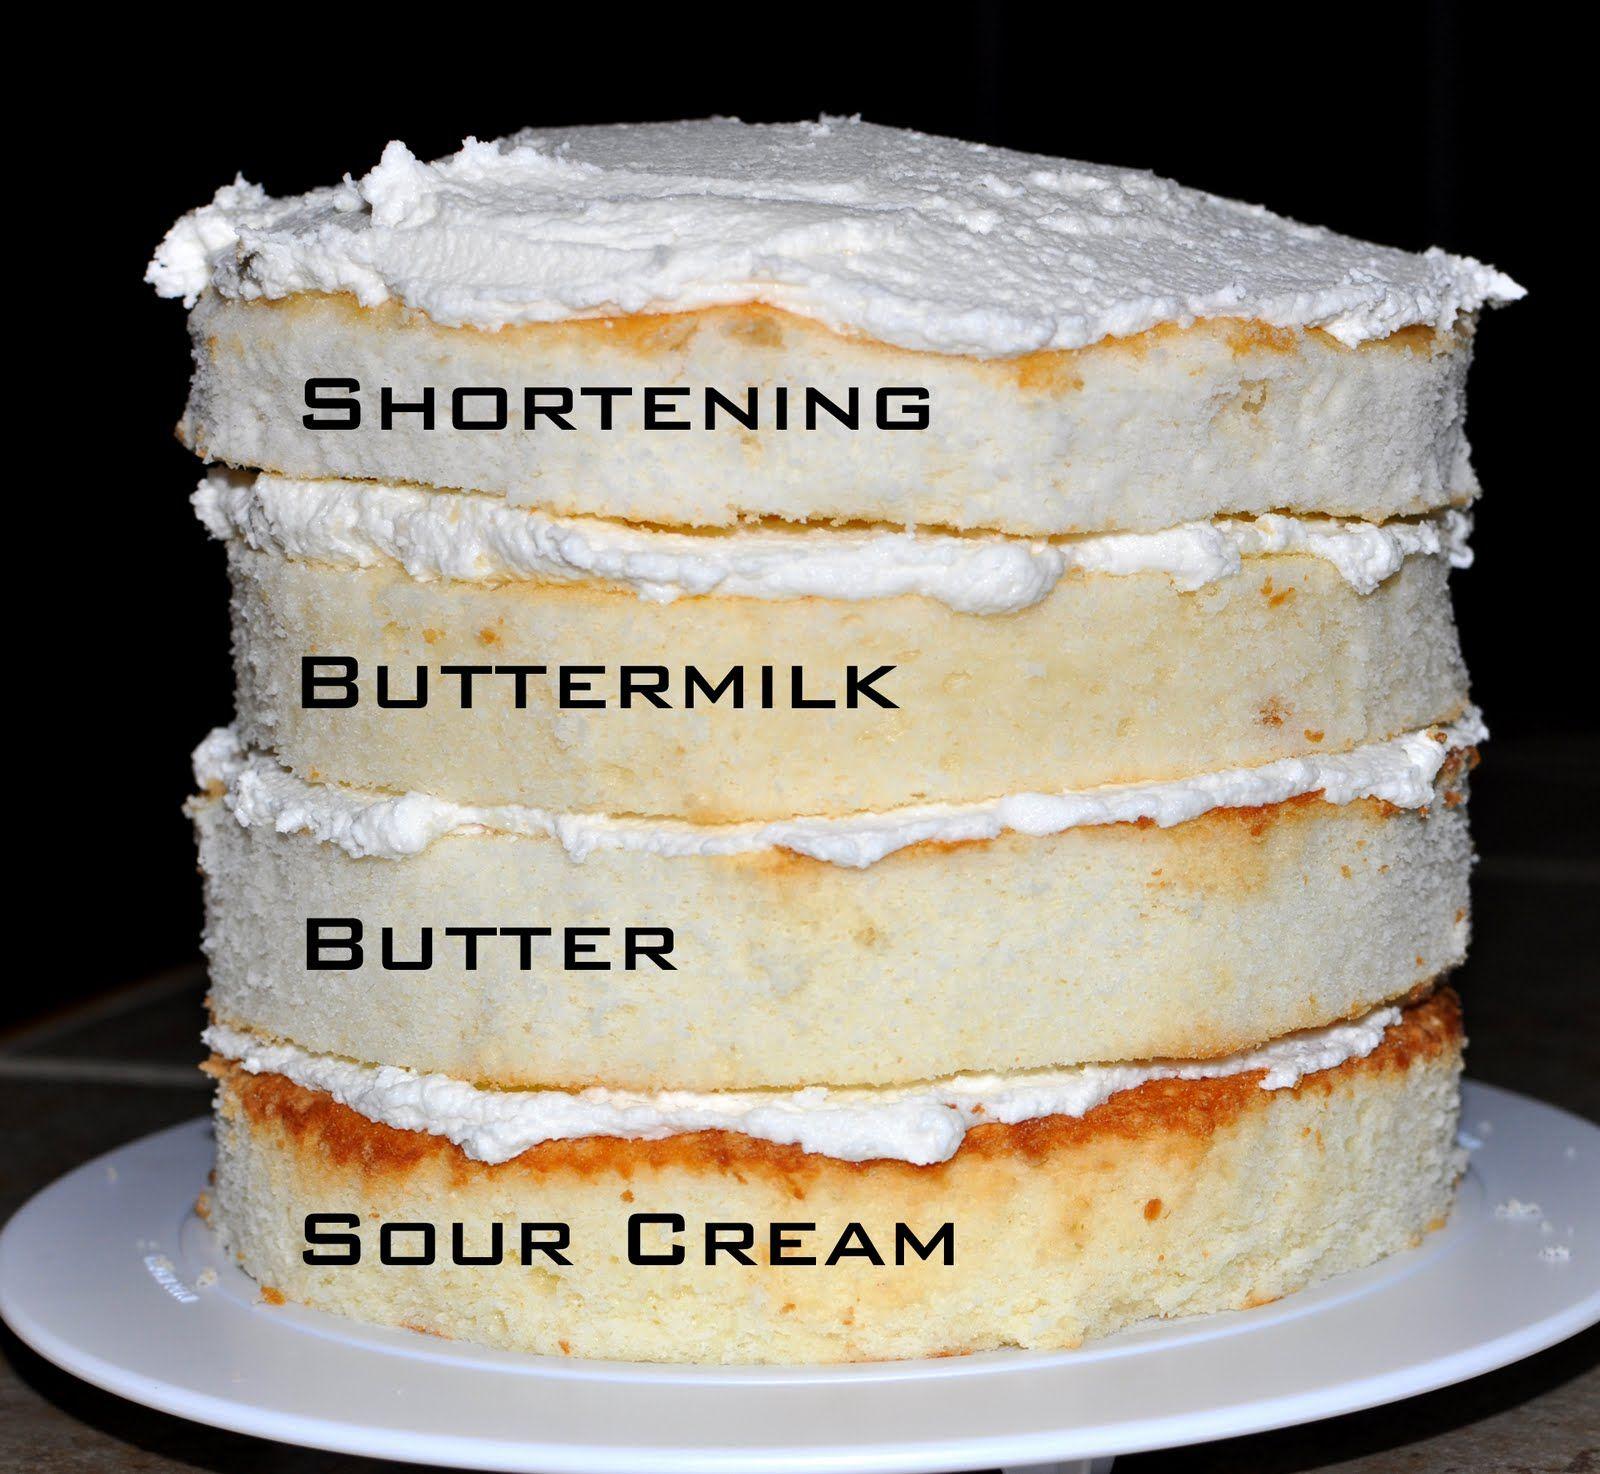 The Bake More: White Cake Taste Test